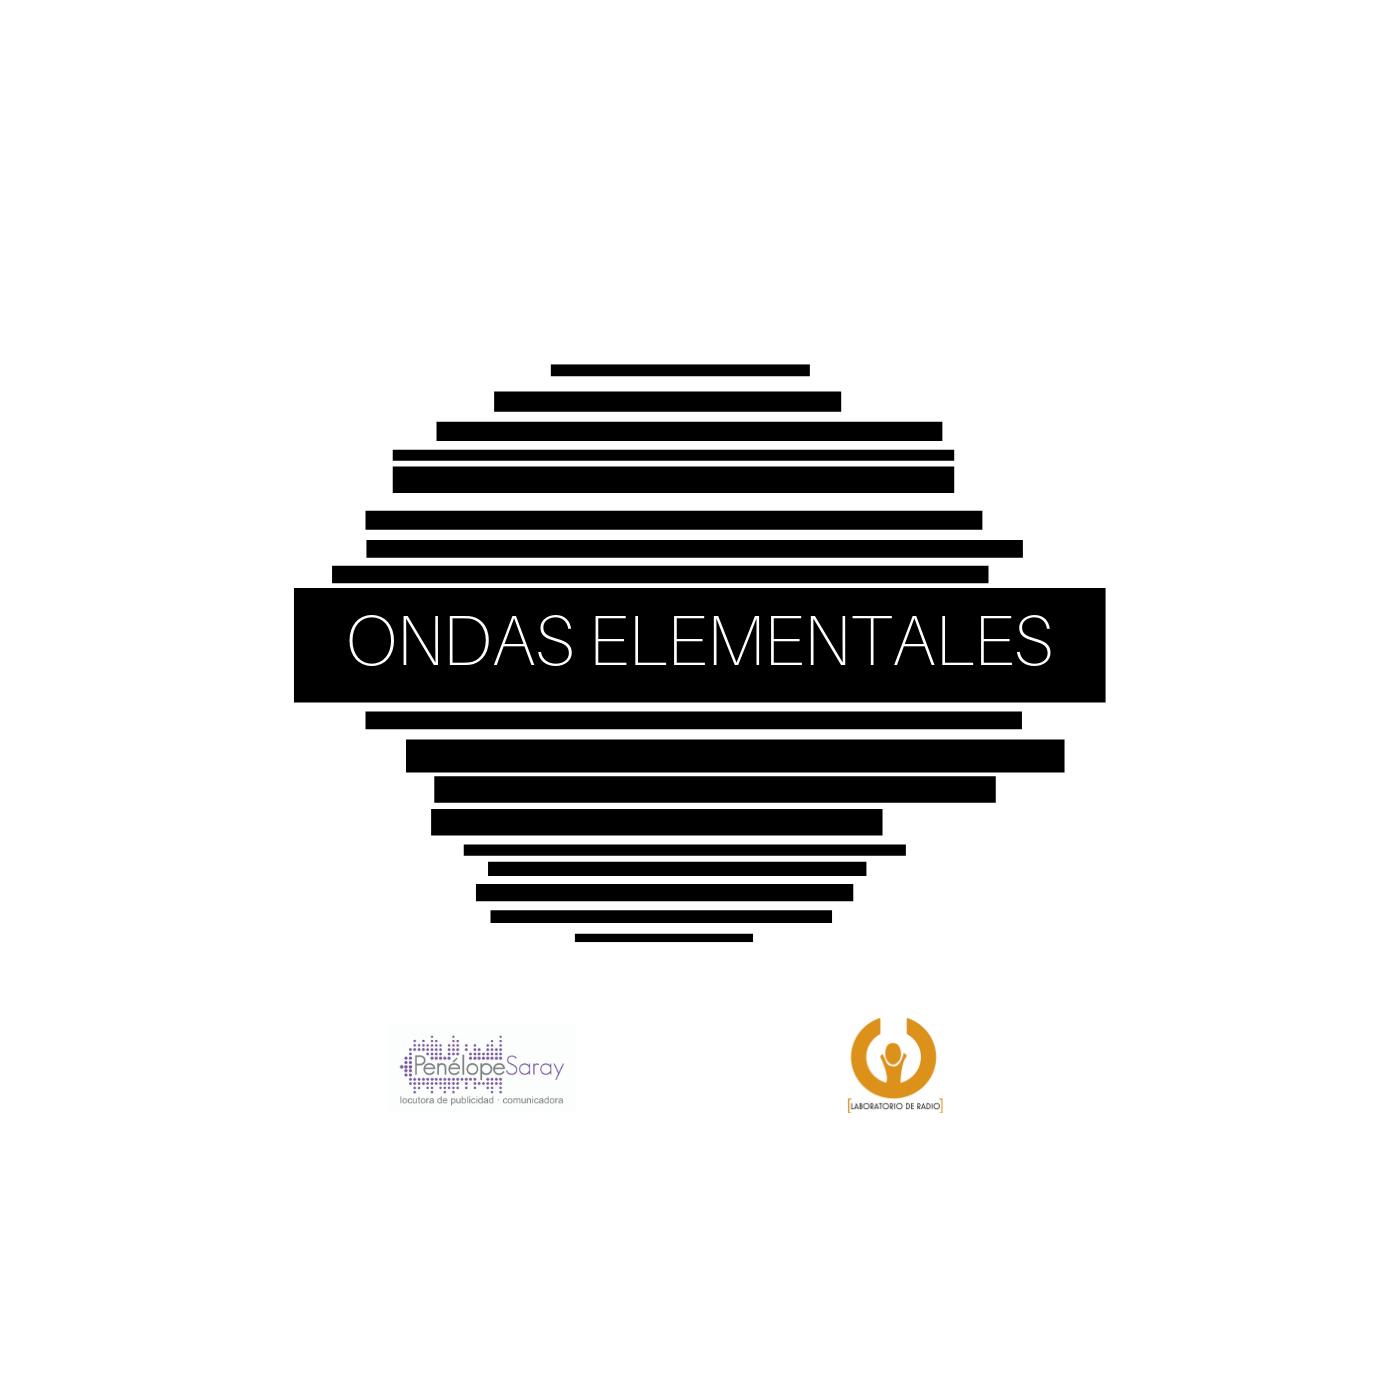 Ondas Elementales